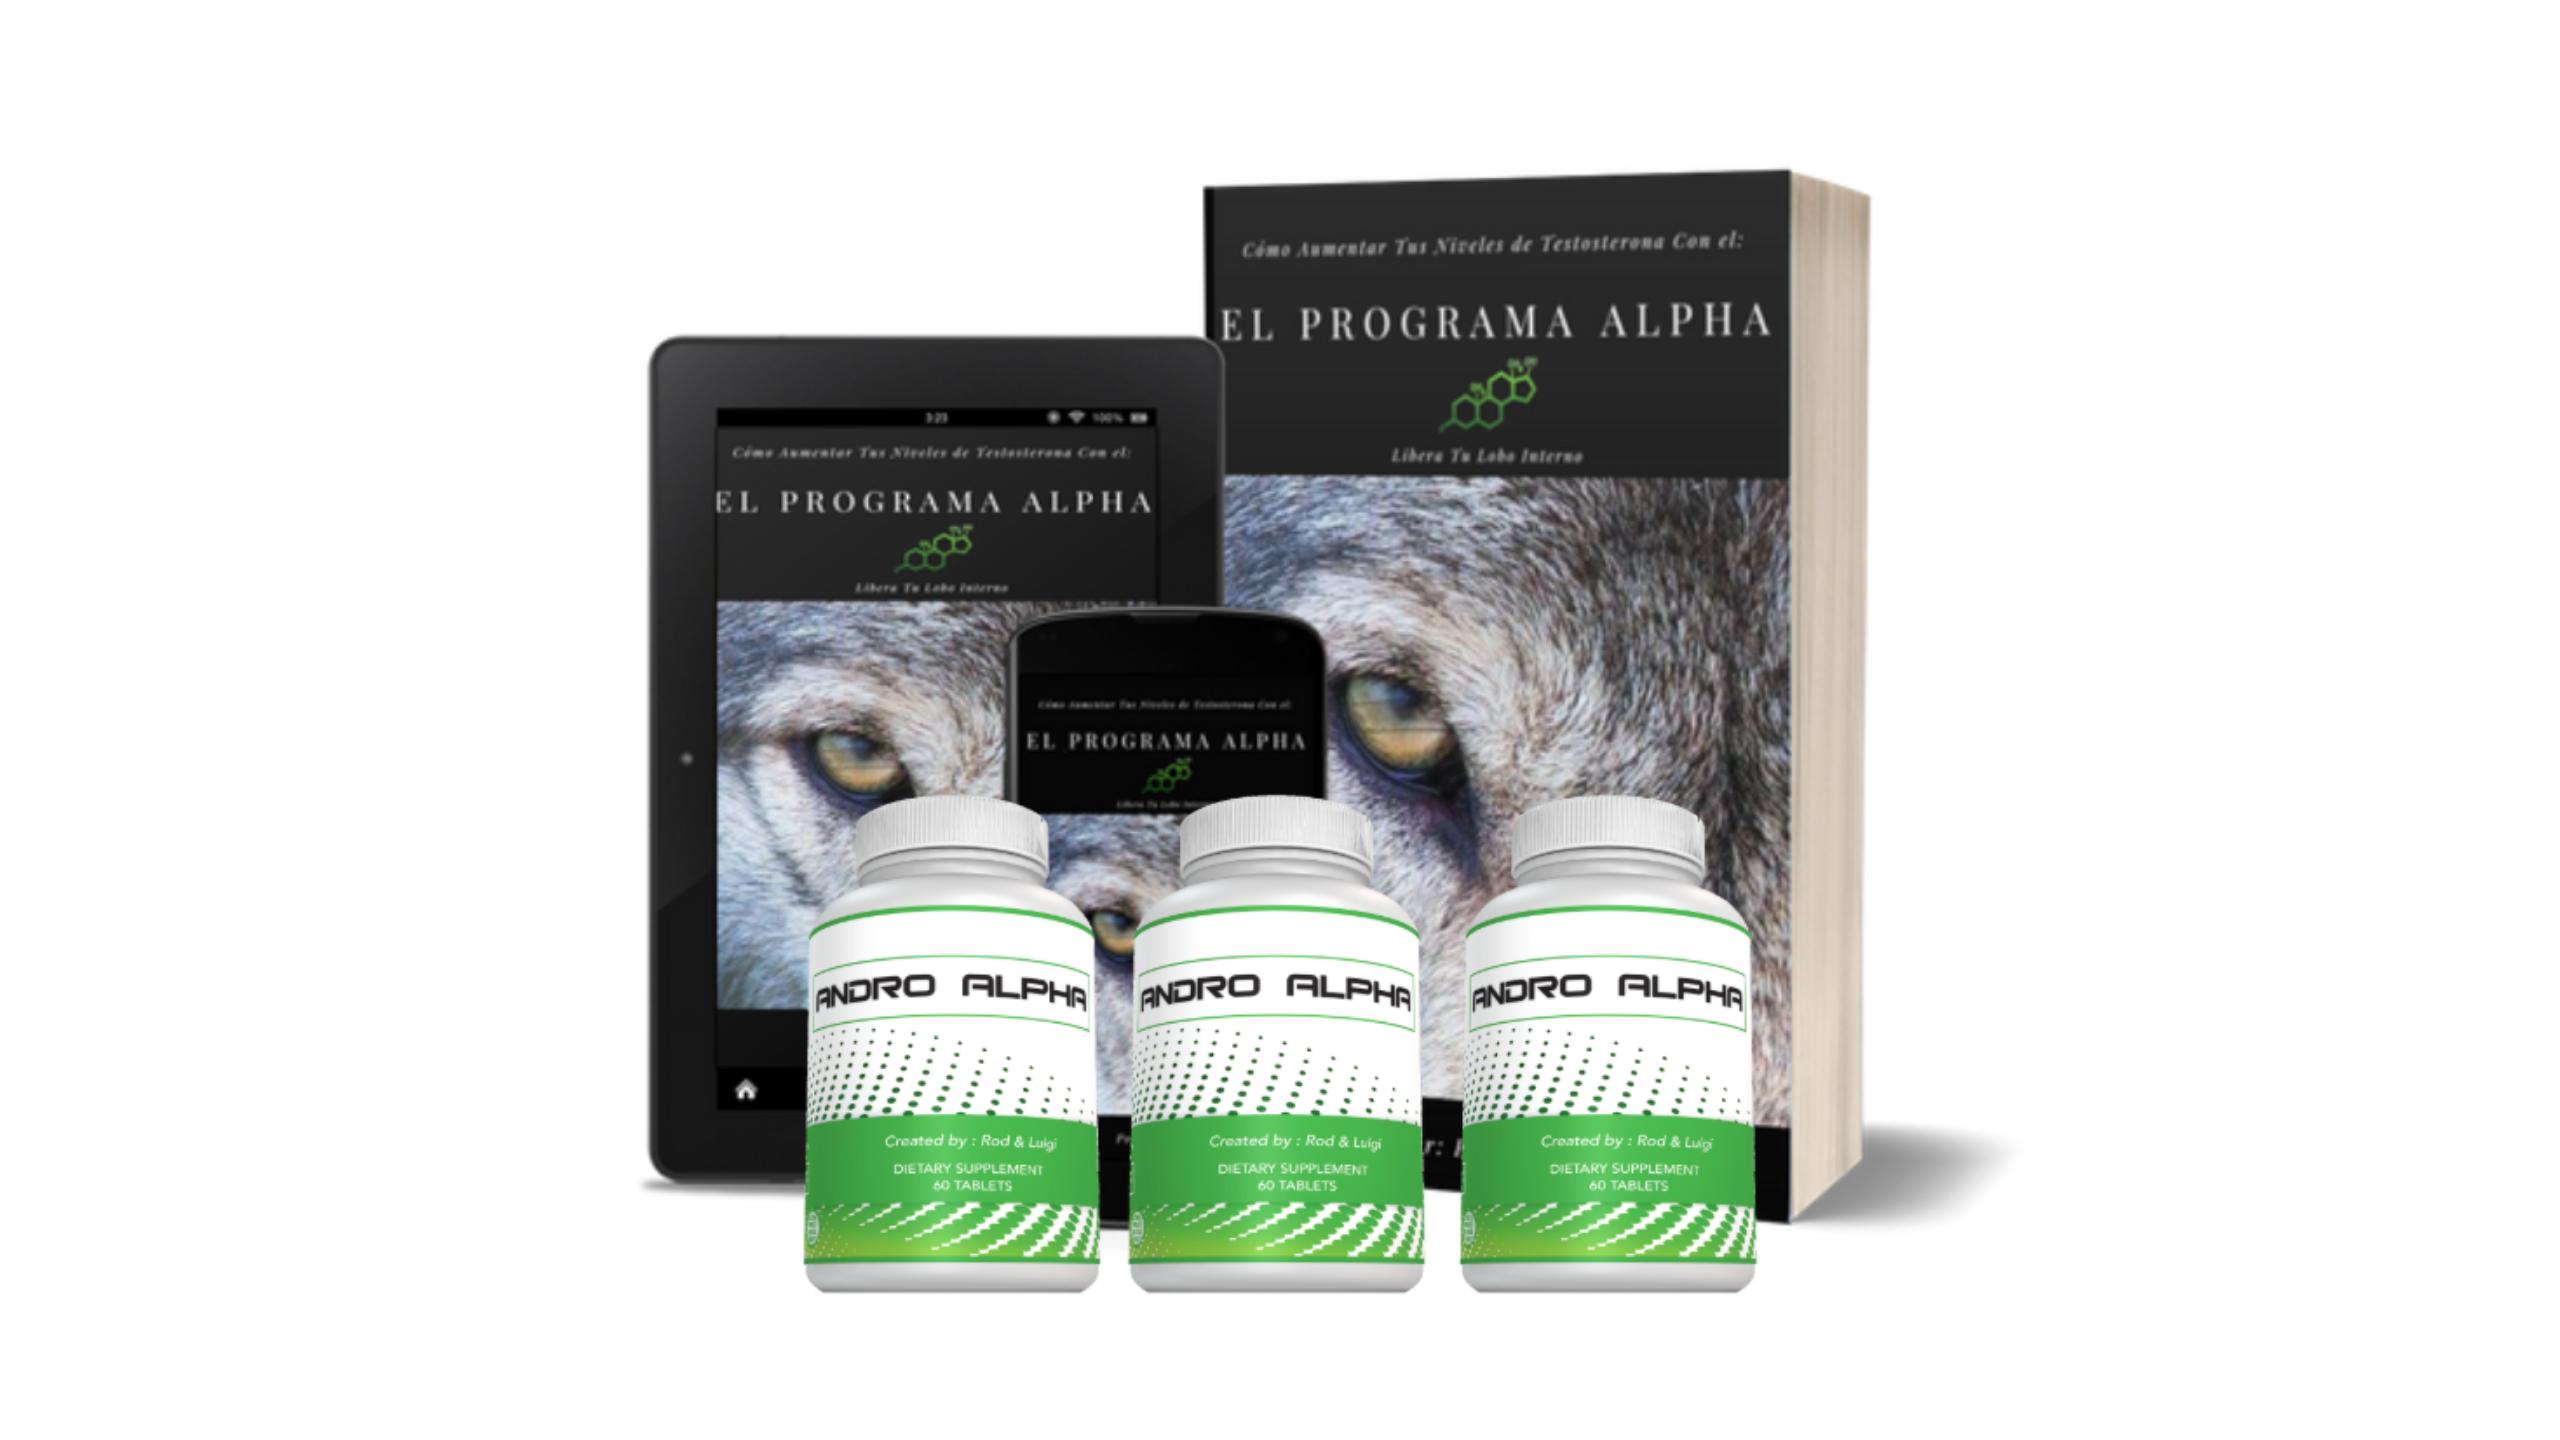 Andro Alpha : El Nuevo Suplemento Para Aumentar Los Niveles de Testosterona